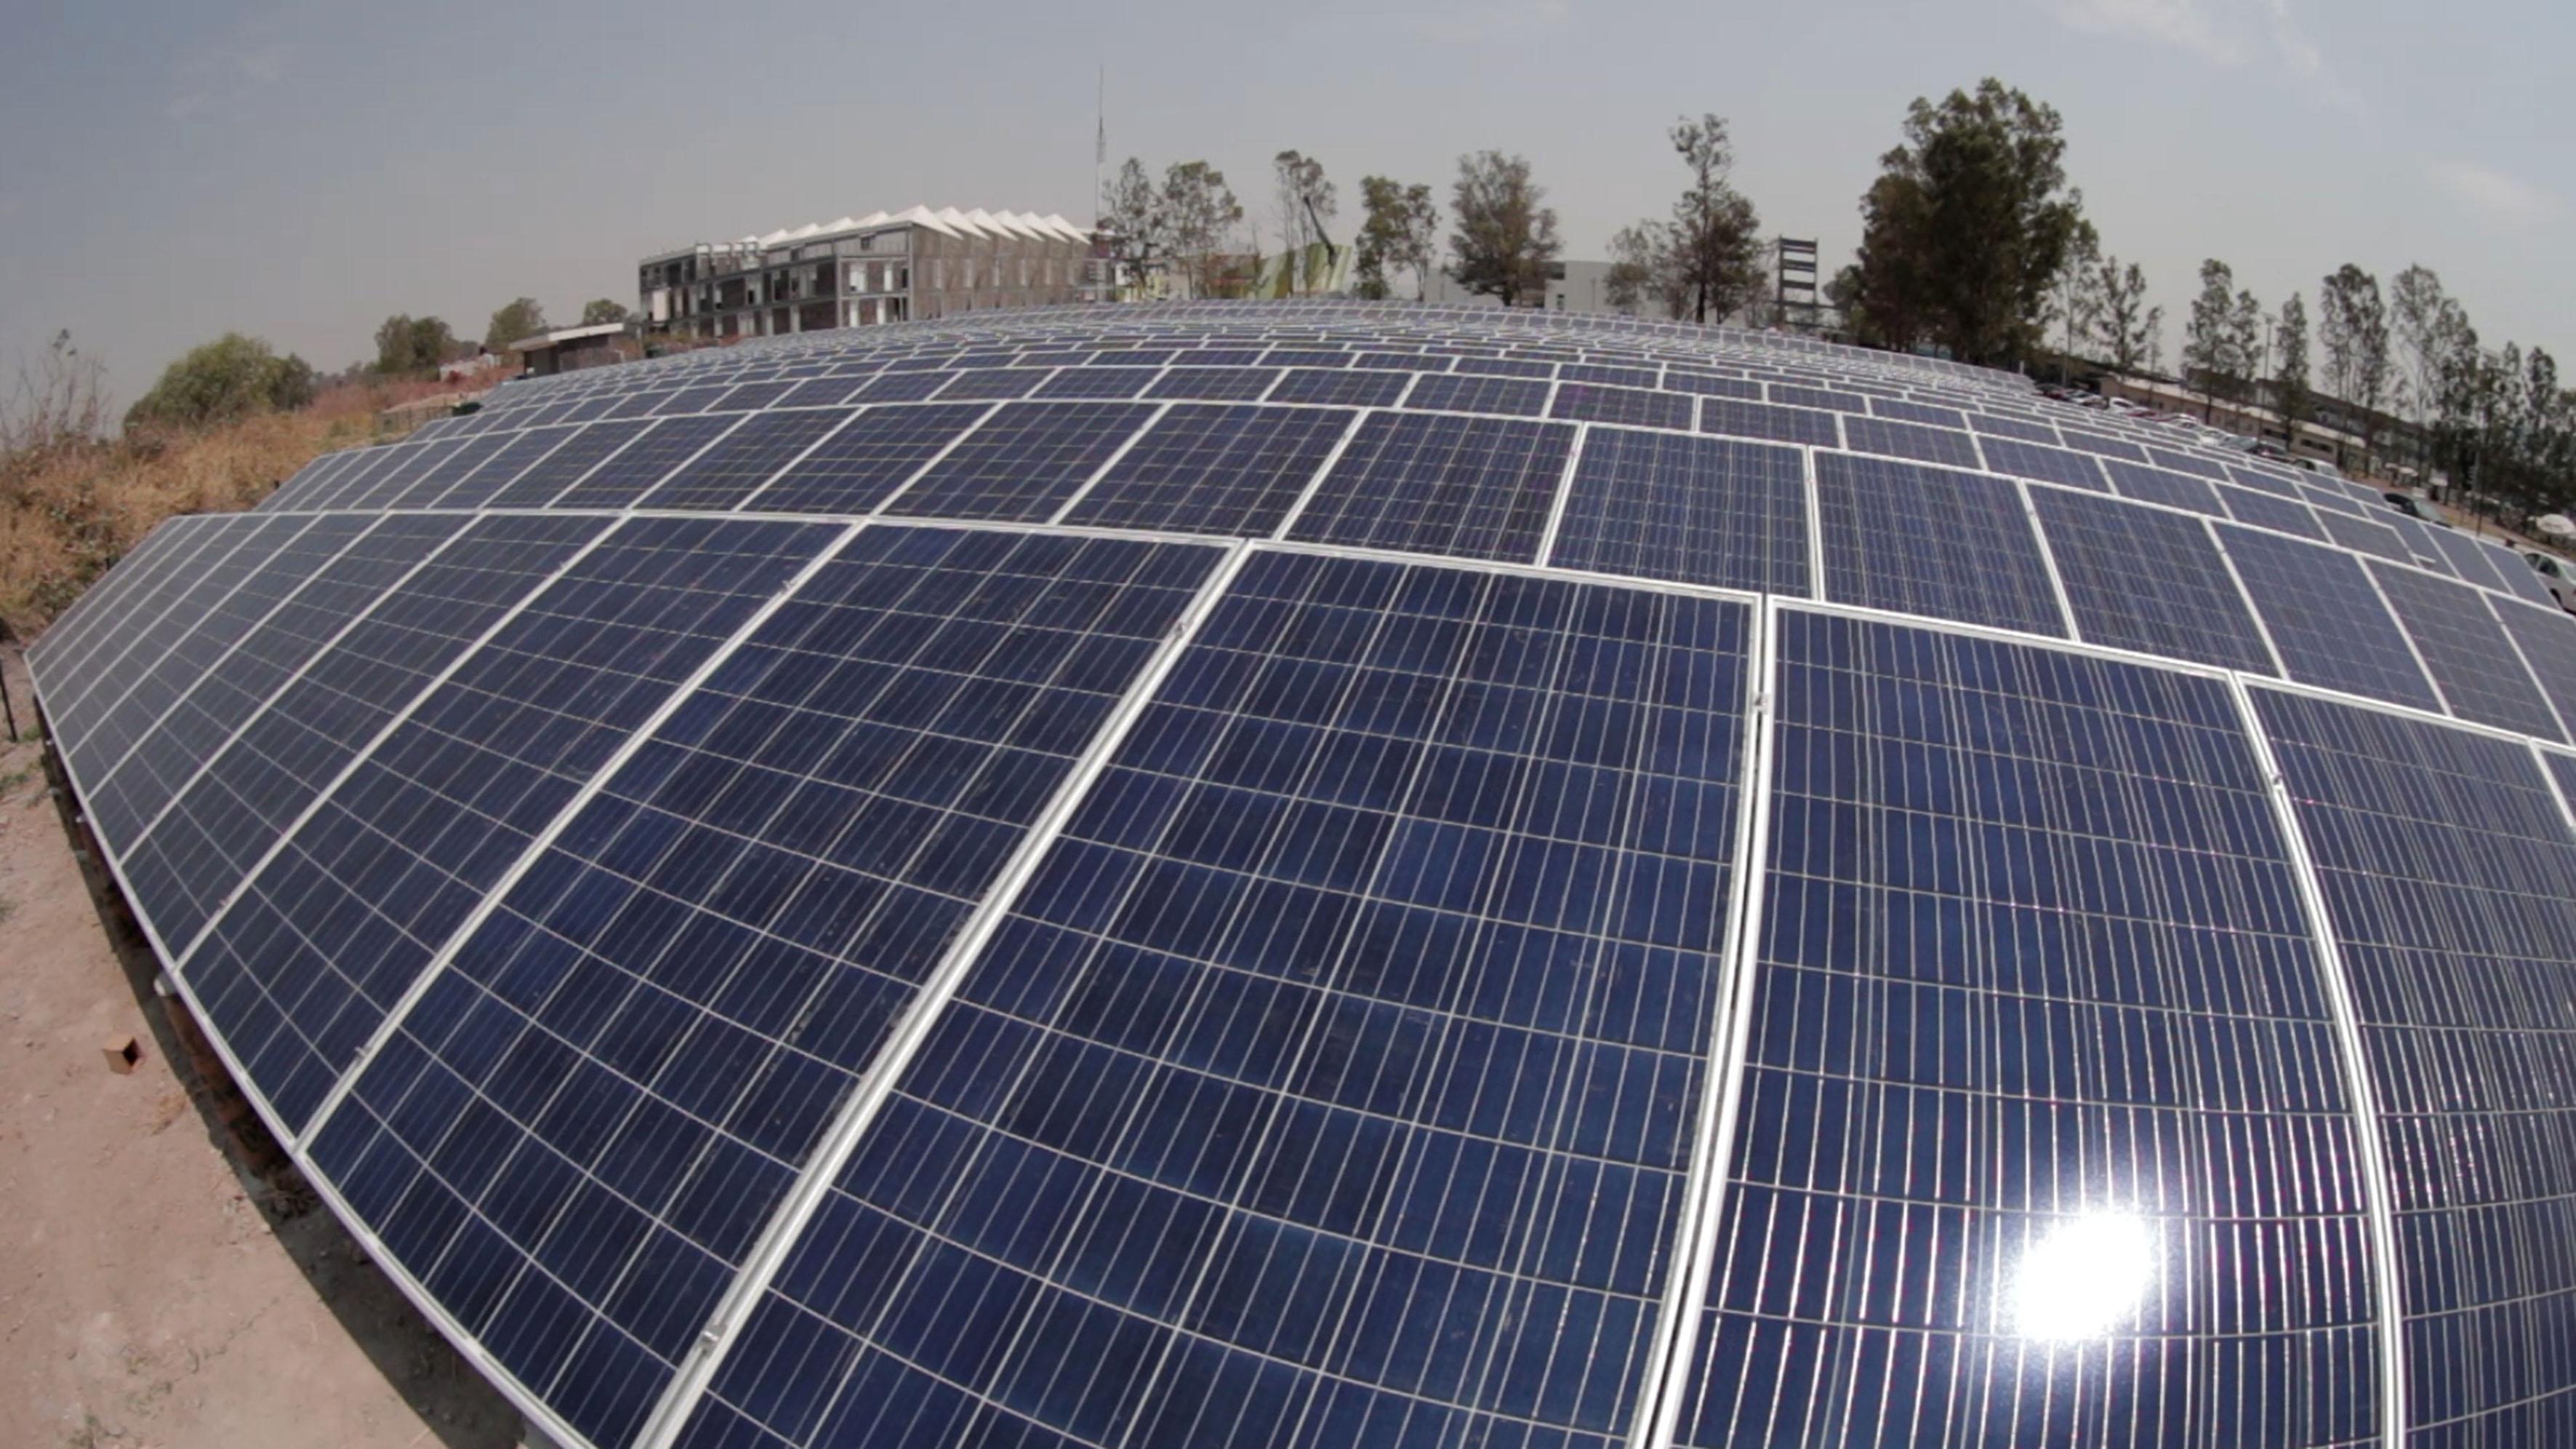 Foto panorámica de los paneles solares que conforman el primer huerto solar, del Centro Universitario de Tonalá (CUTonalá).